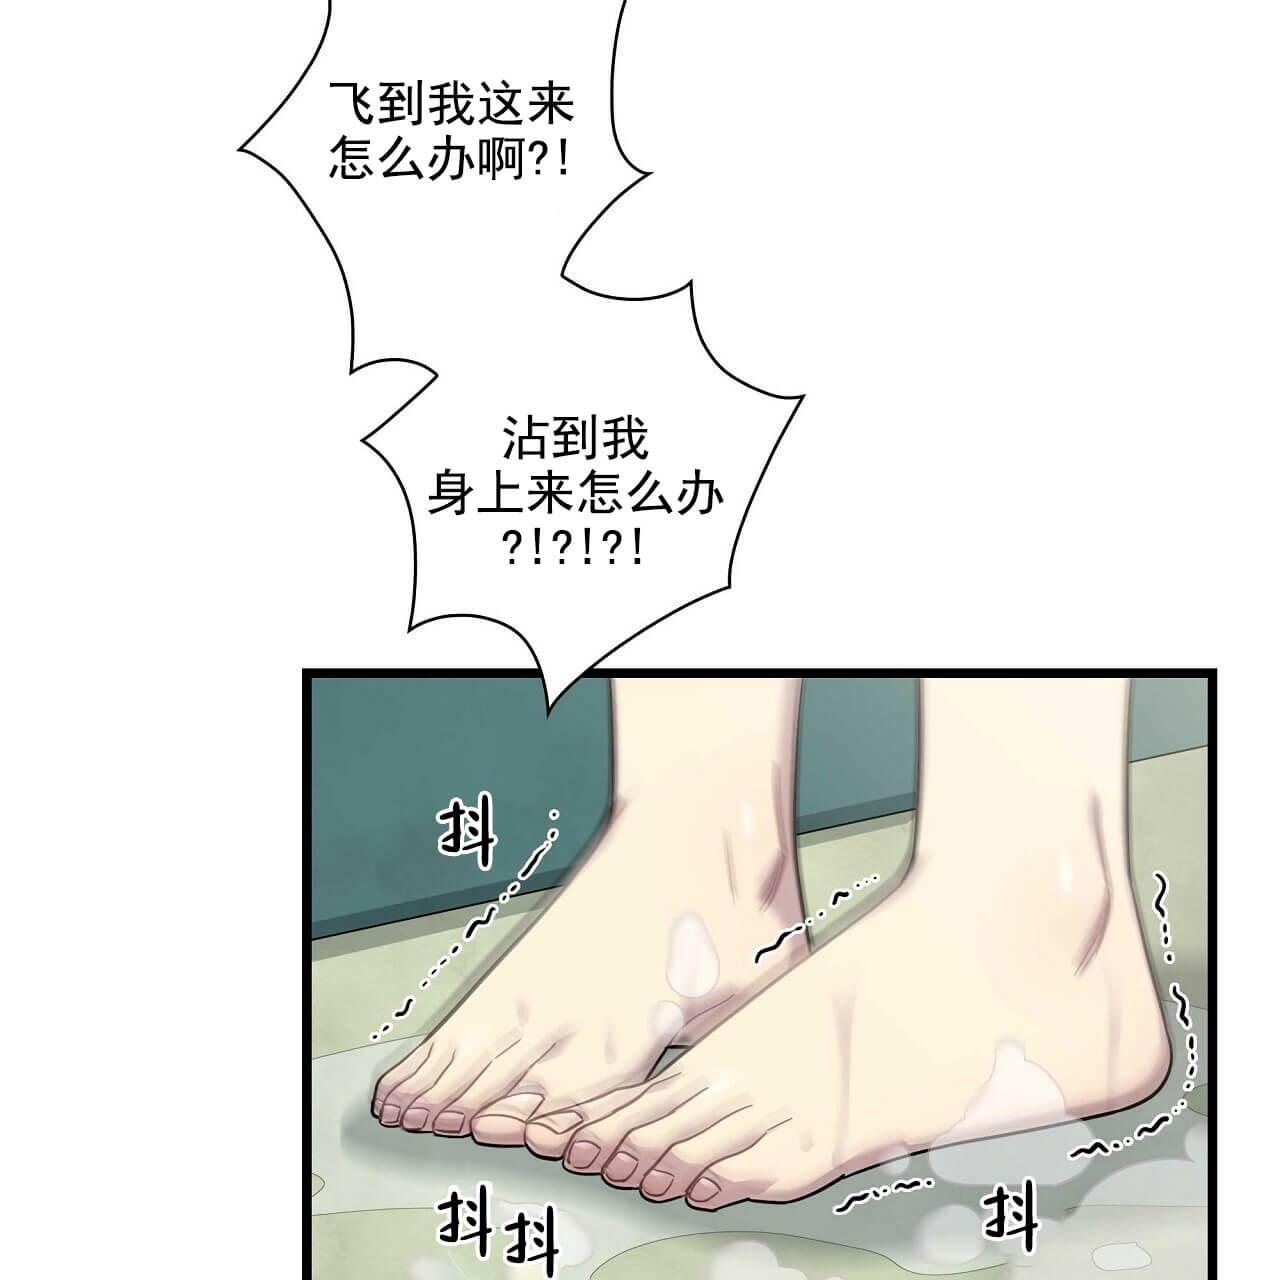 韩漫 |《恋爱杀虫剂》一场由杀虫剂开启的恋爱罗曼史~  第42张